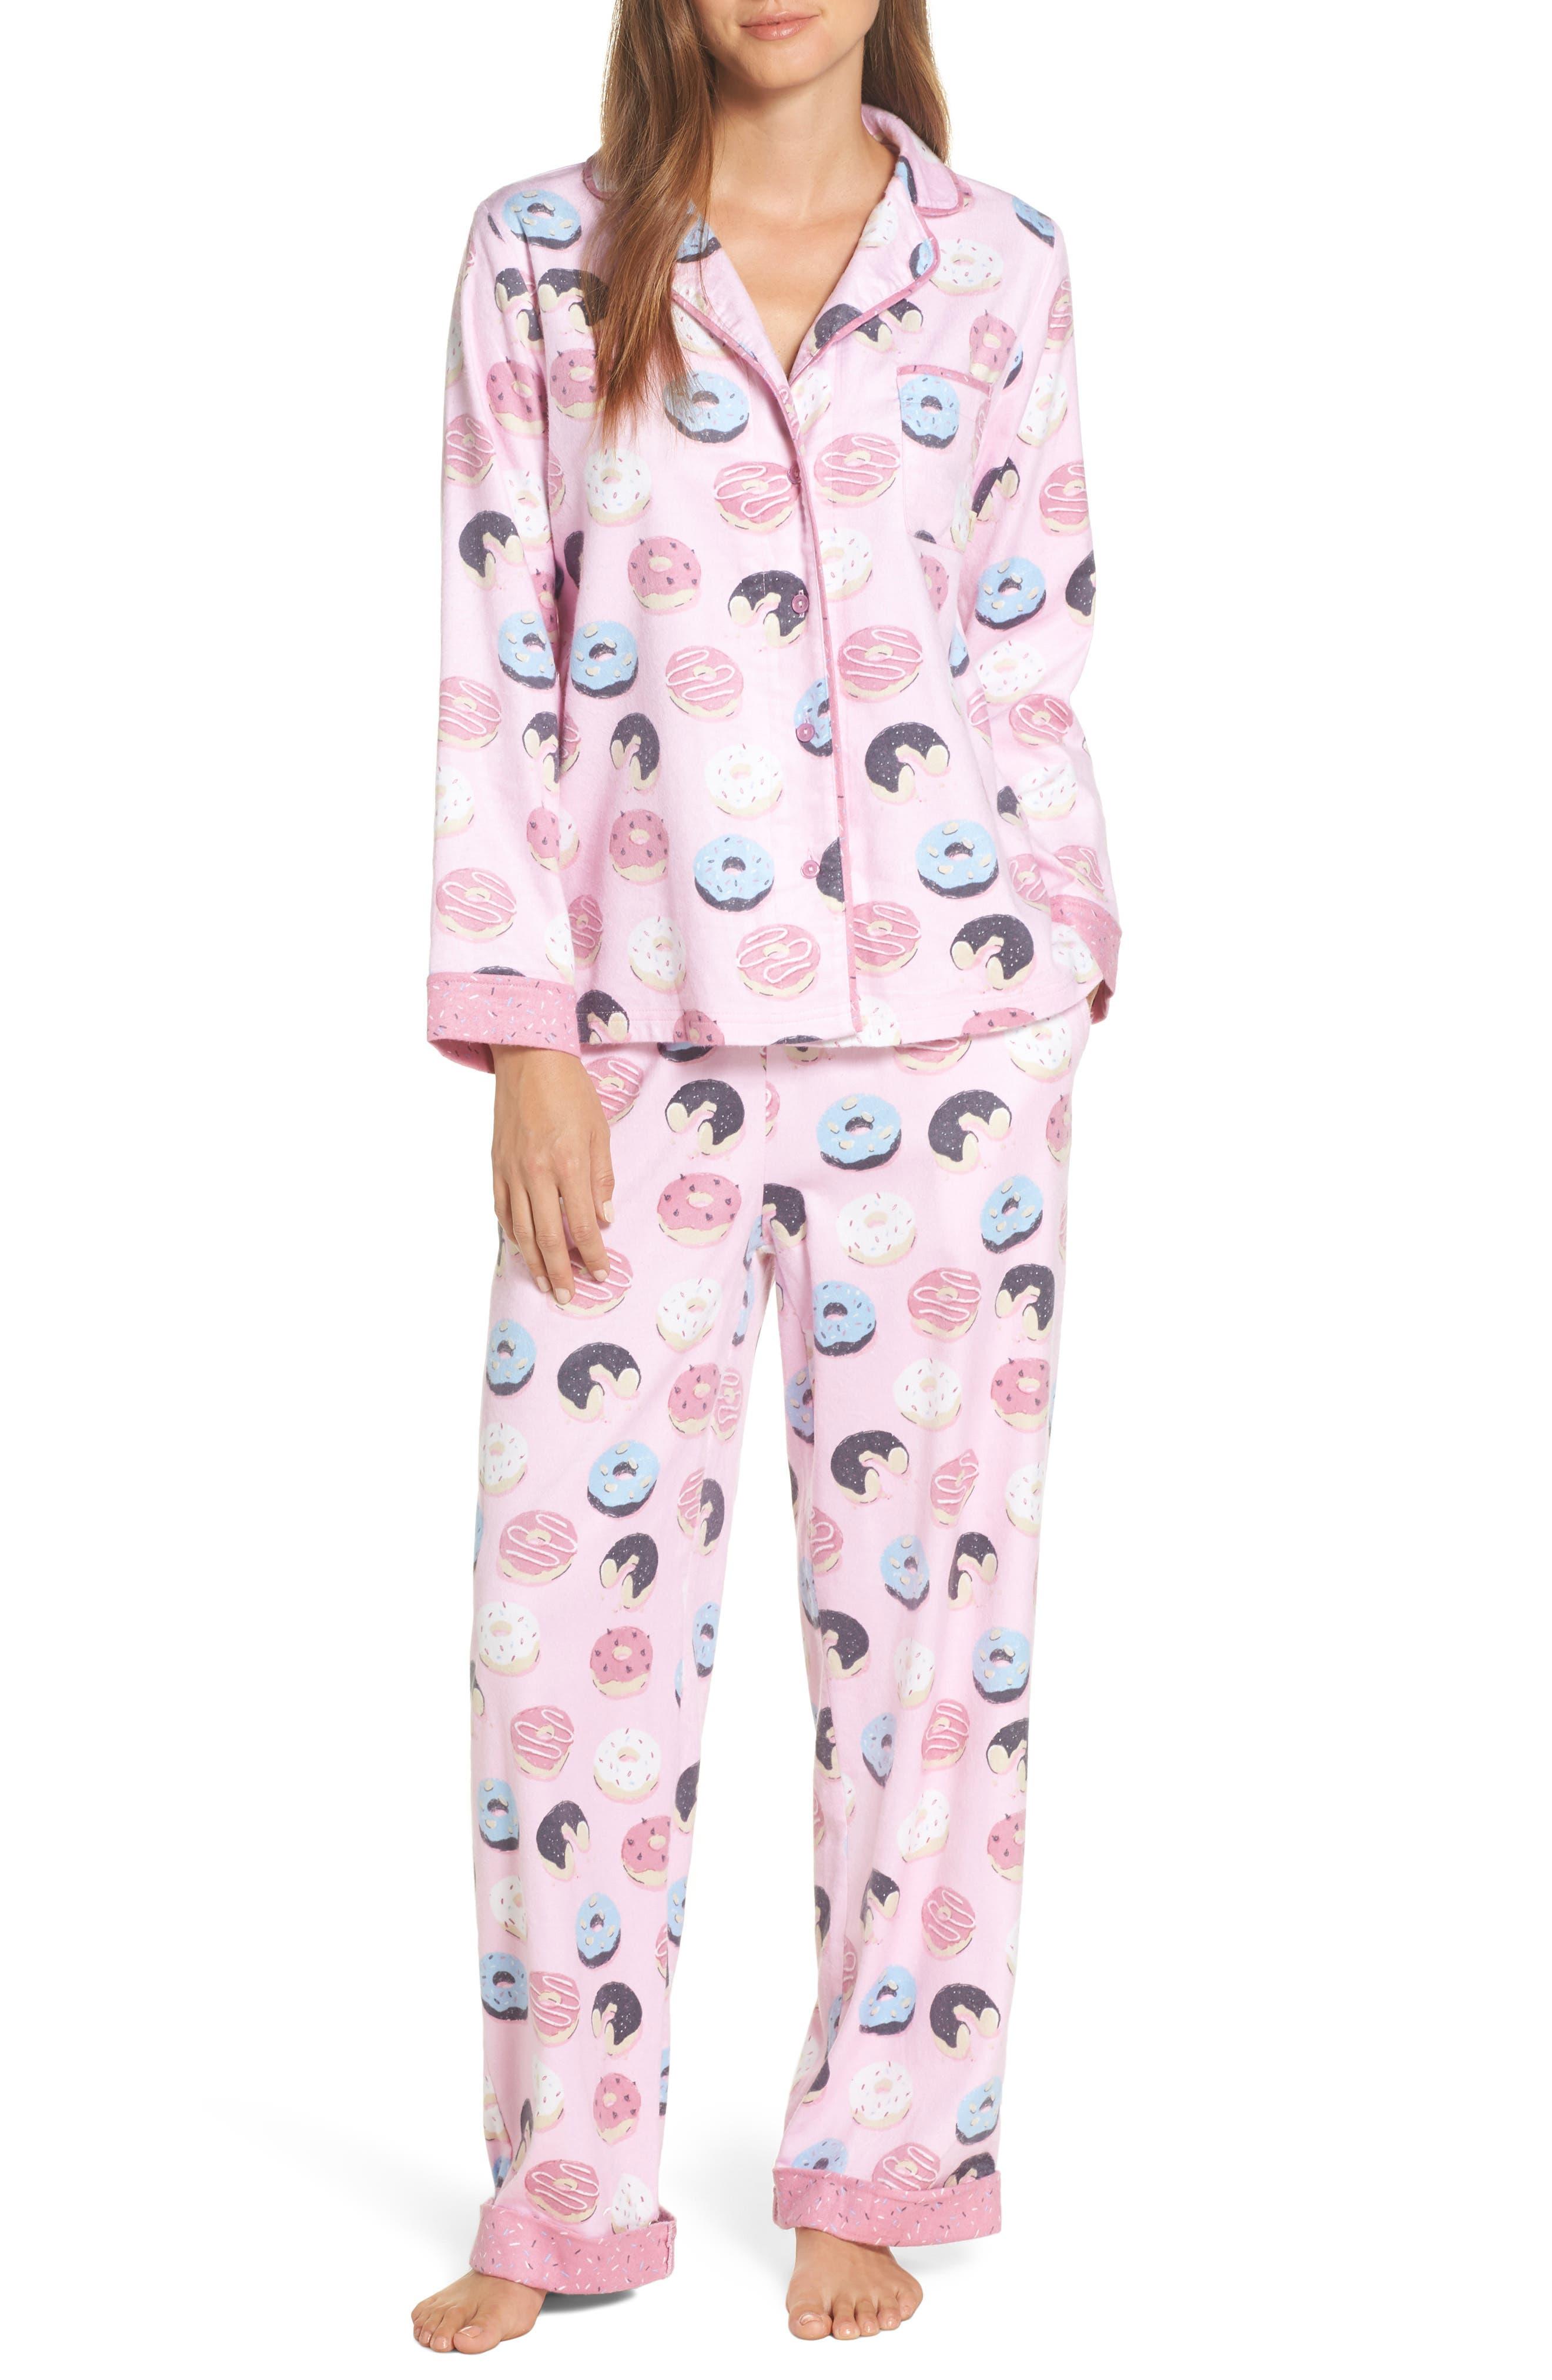 Munki Munki Flannel Pajamas, Pink